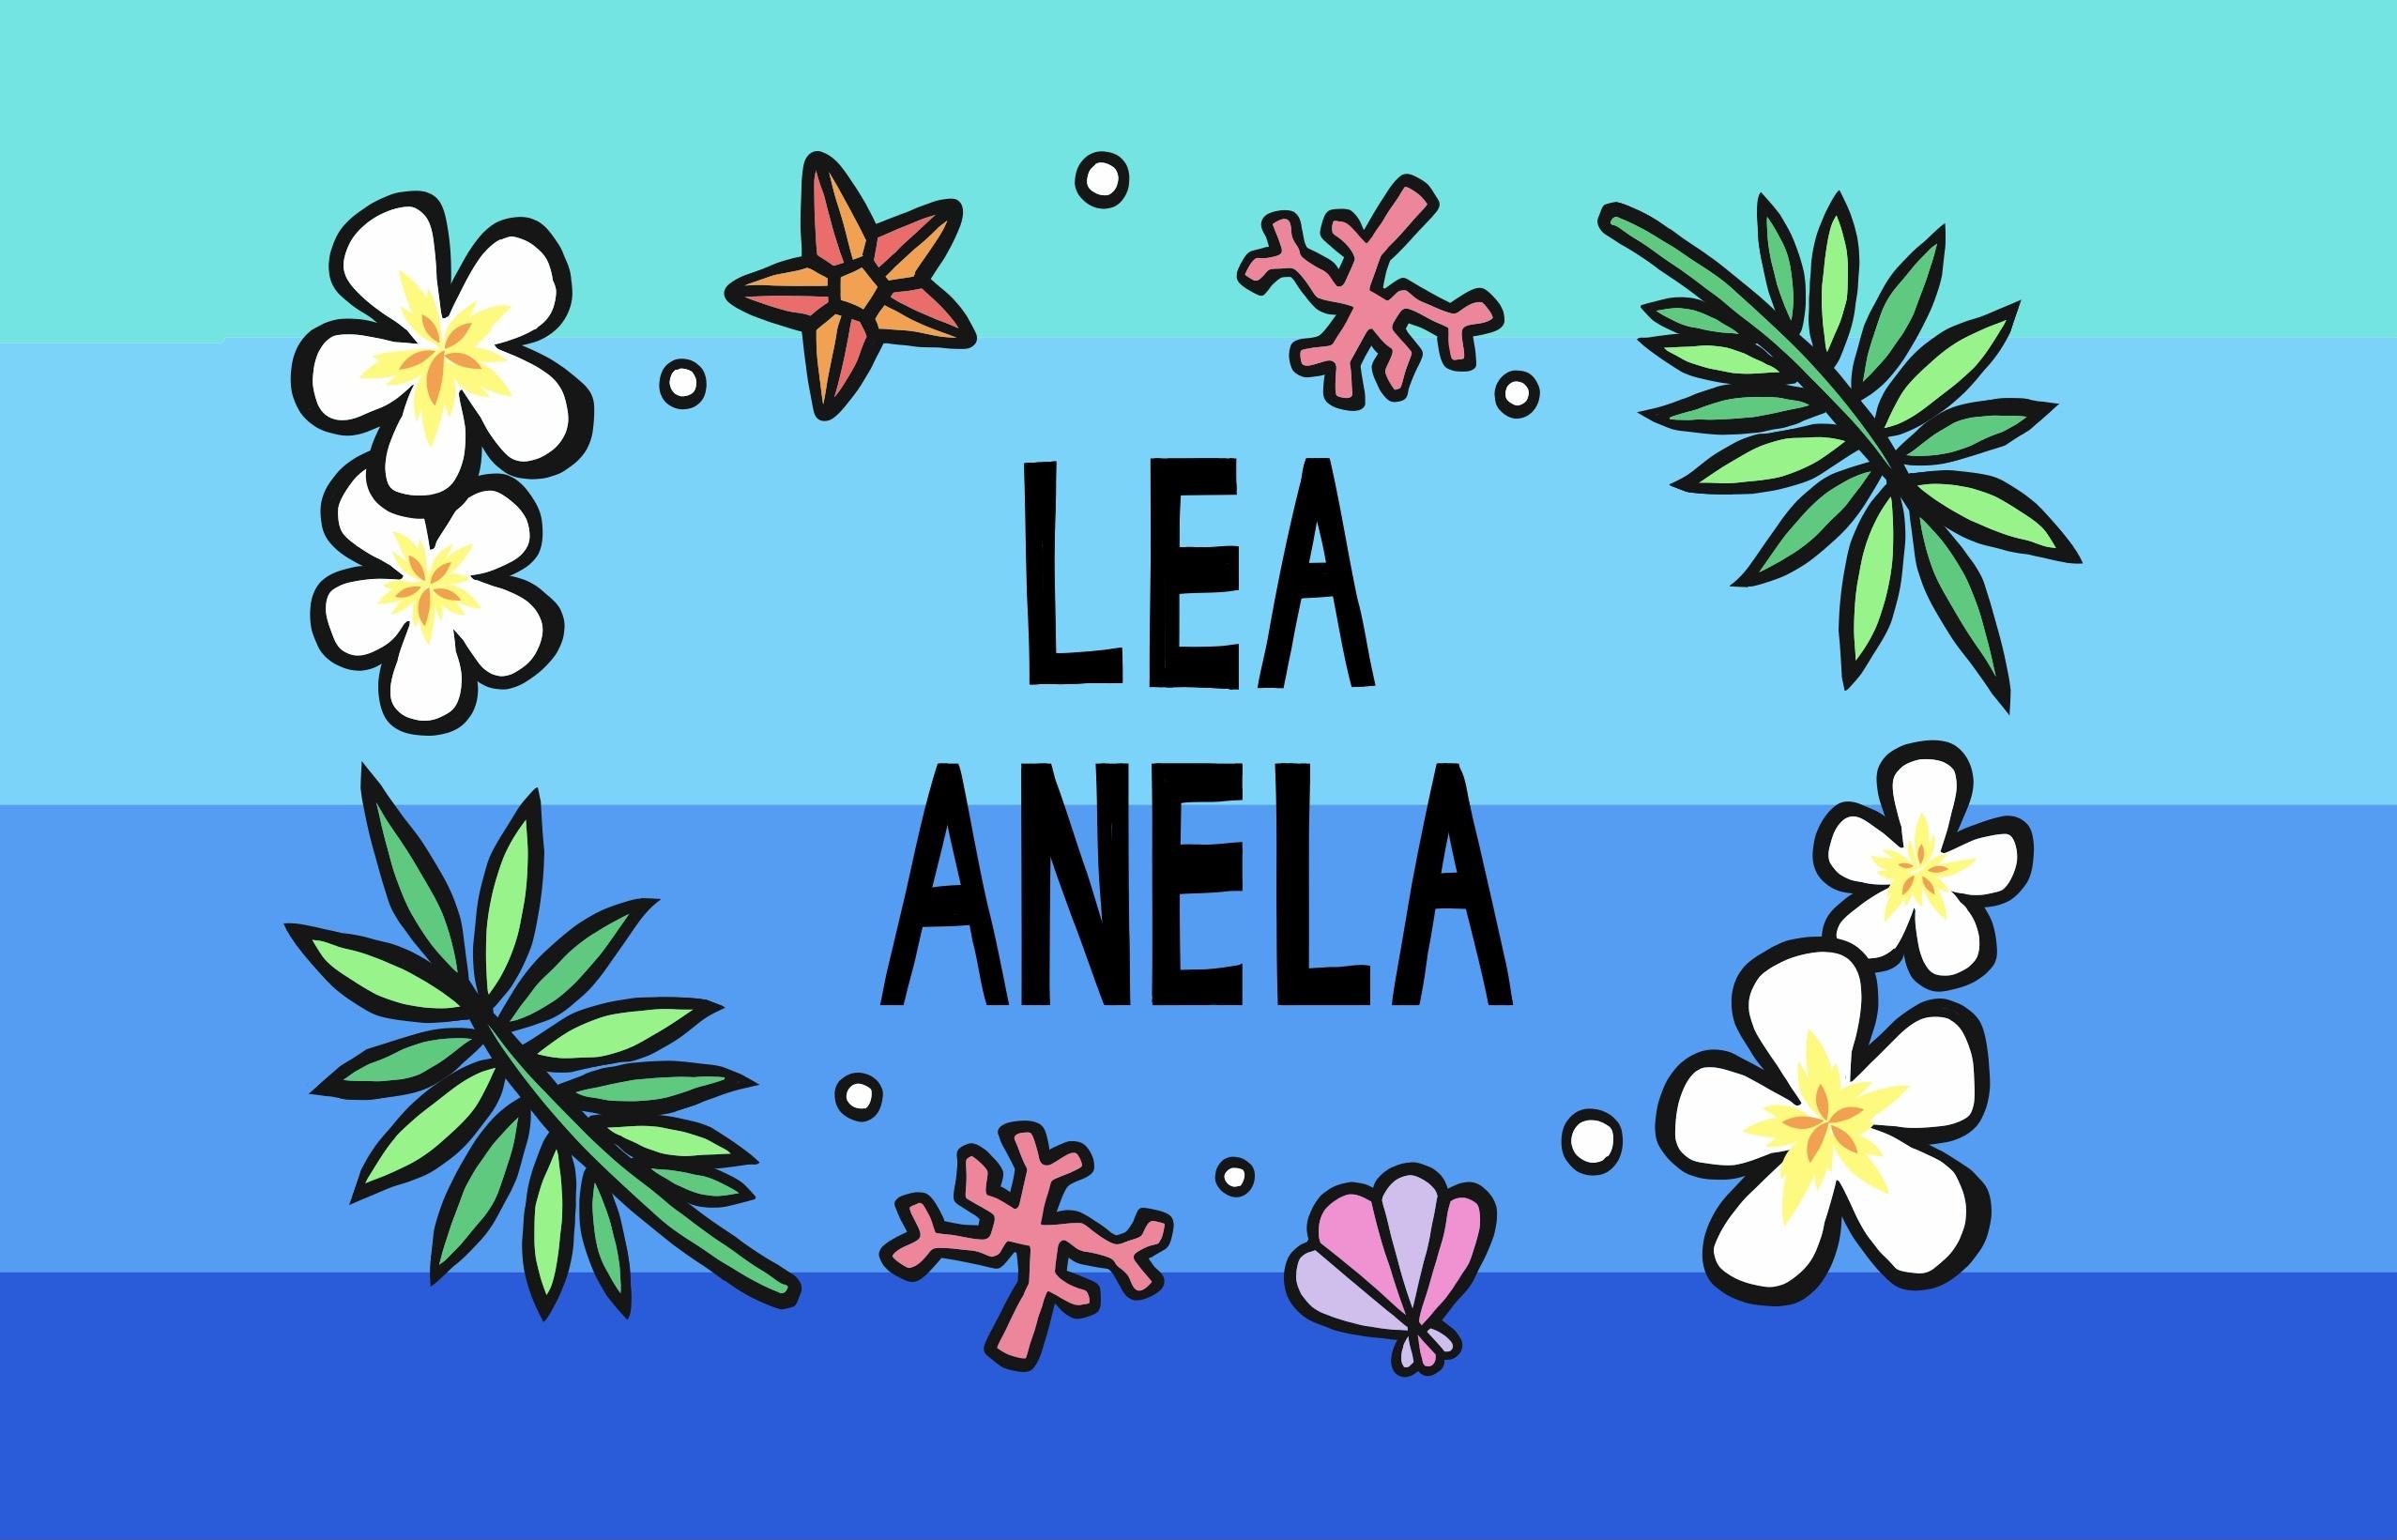 LEA ANELA